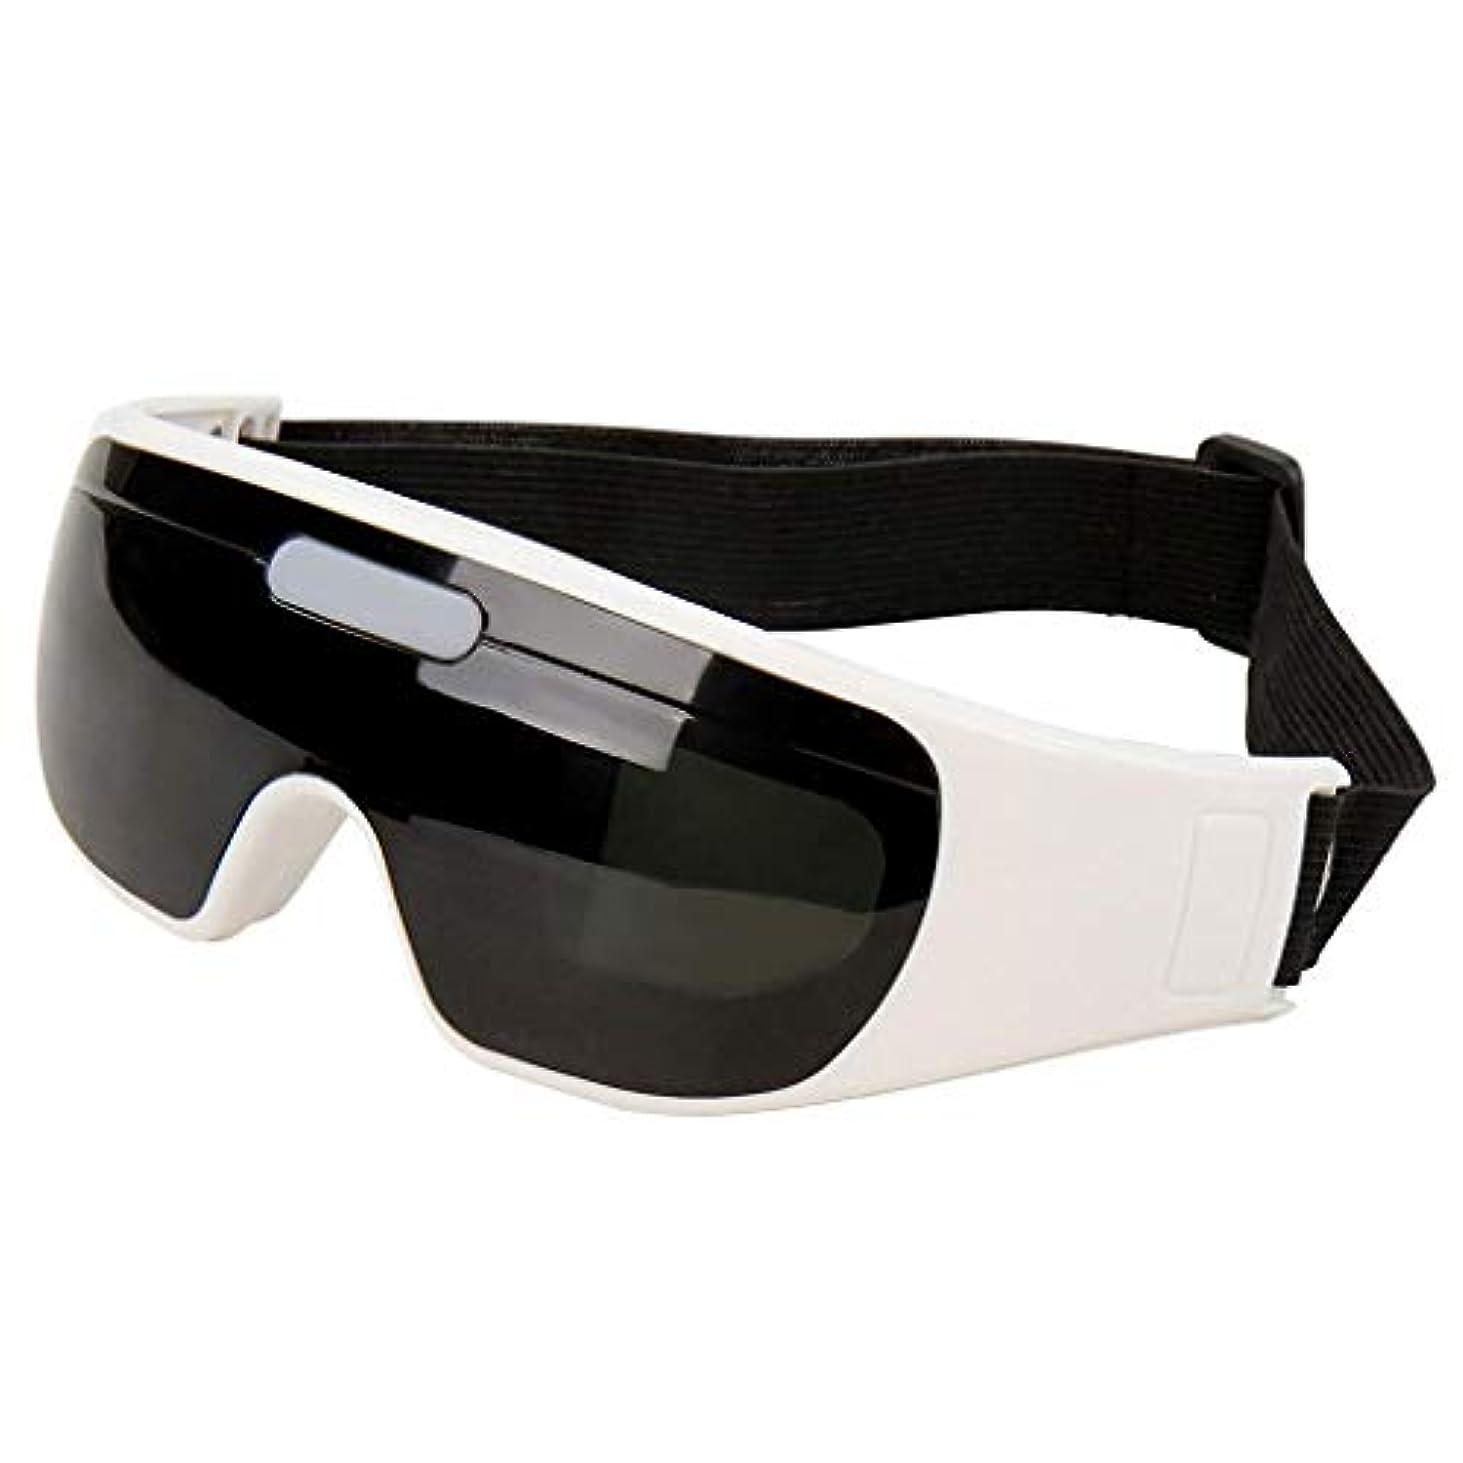 ほこりっぽいピッチ行動アイマッサージメガネ、24ソフトマッサージセンサーメガネ、磁気療法アイマッサージャー、9モード電動アイマッサージャー健康、リラクゼーション、鍼